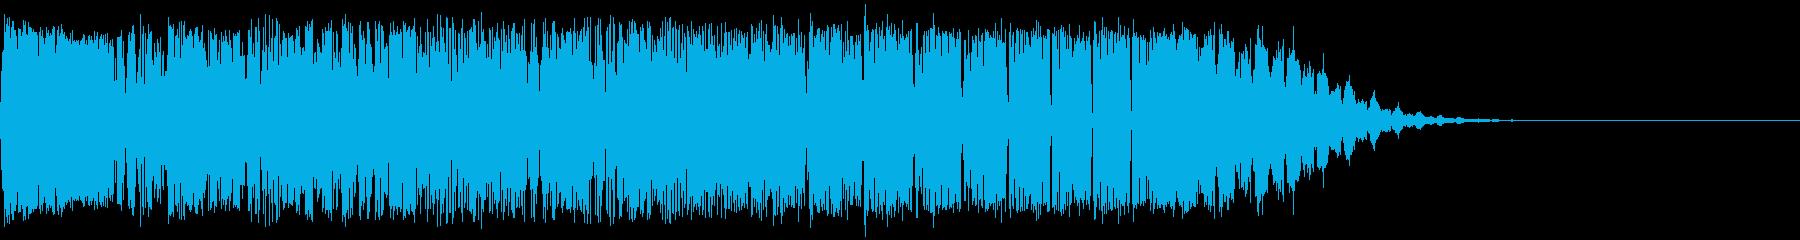 力が収束する時の音:機械的の再生済みの波形